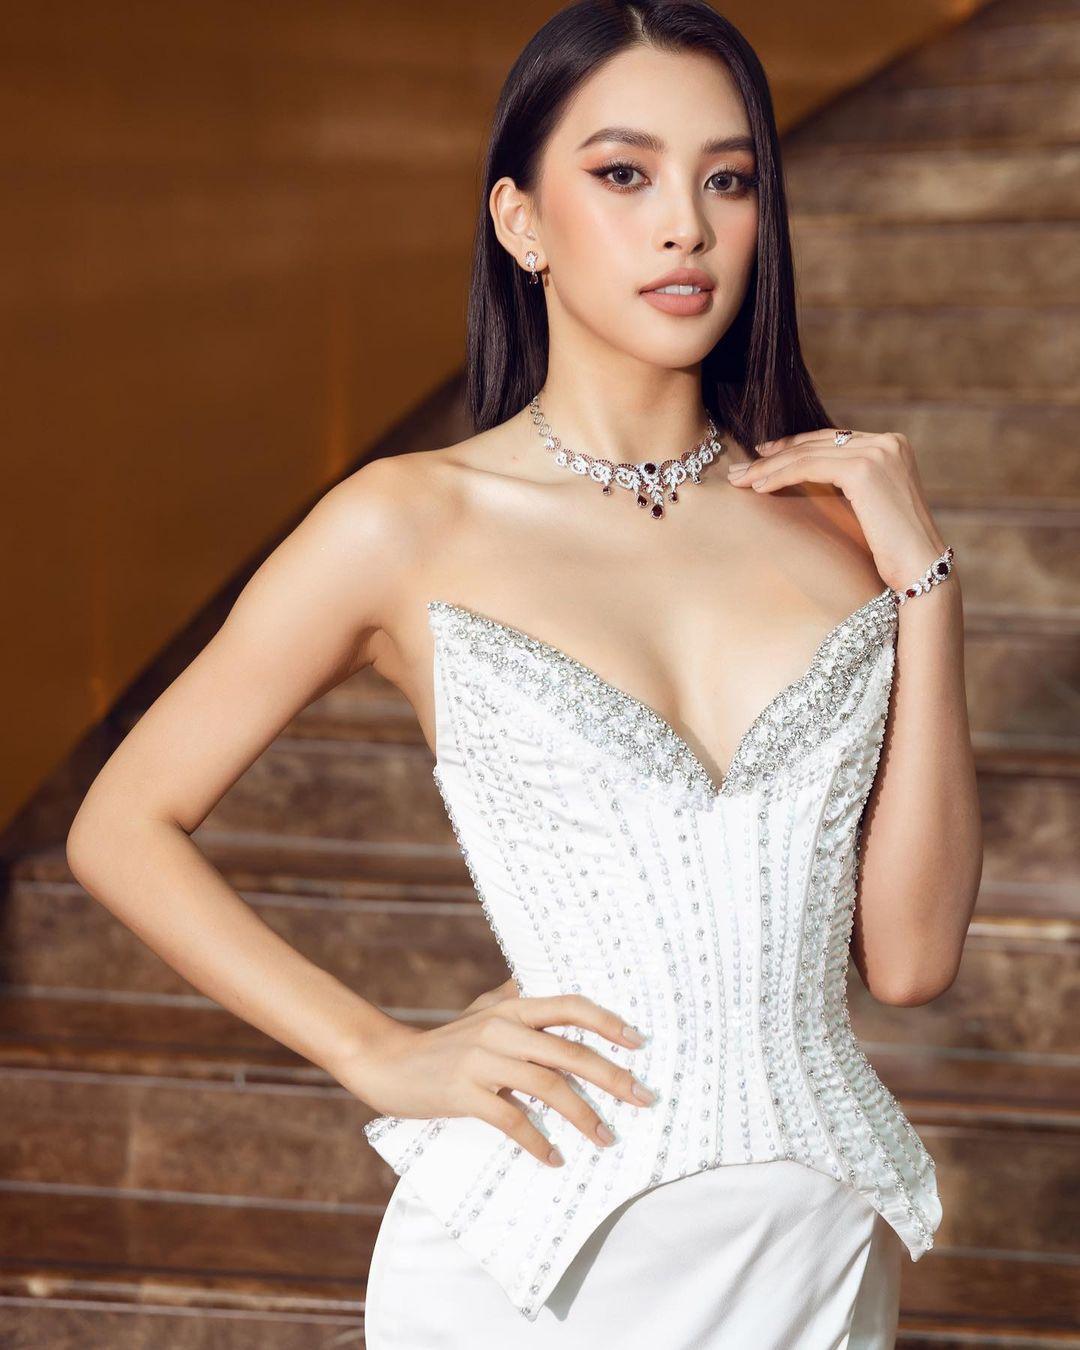 Hoa hậu Tiểu Vy phản hồi về việc mặc gợi cảm quá mức Ảnh 2